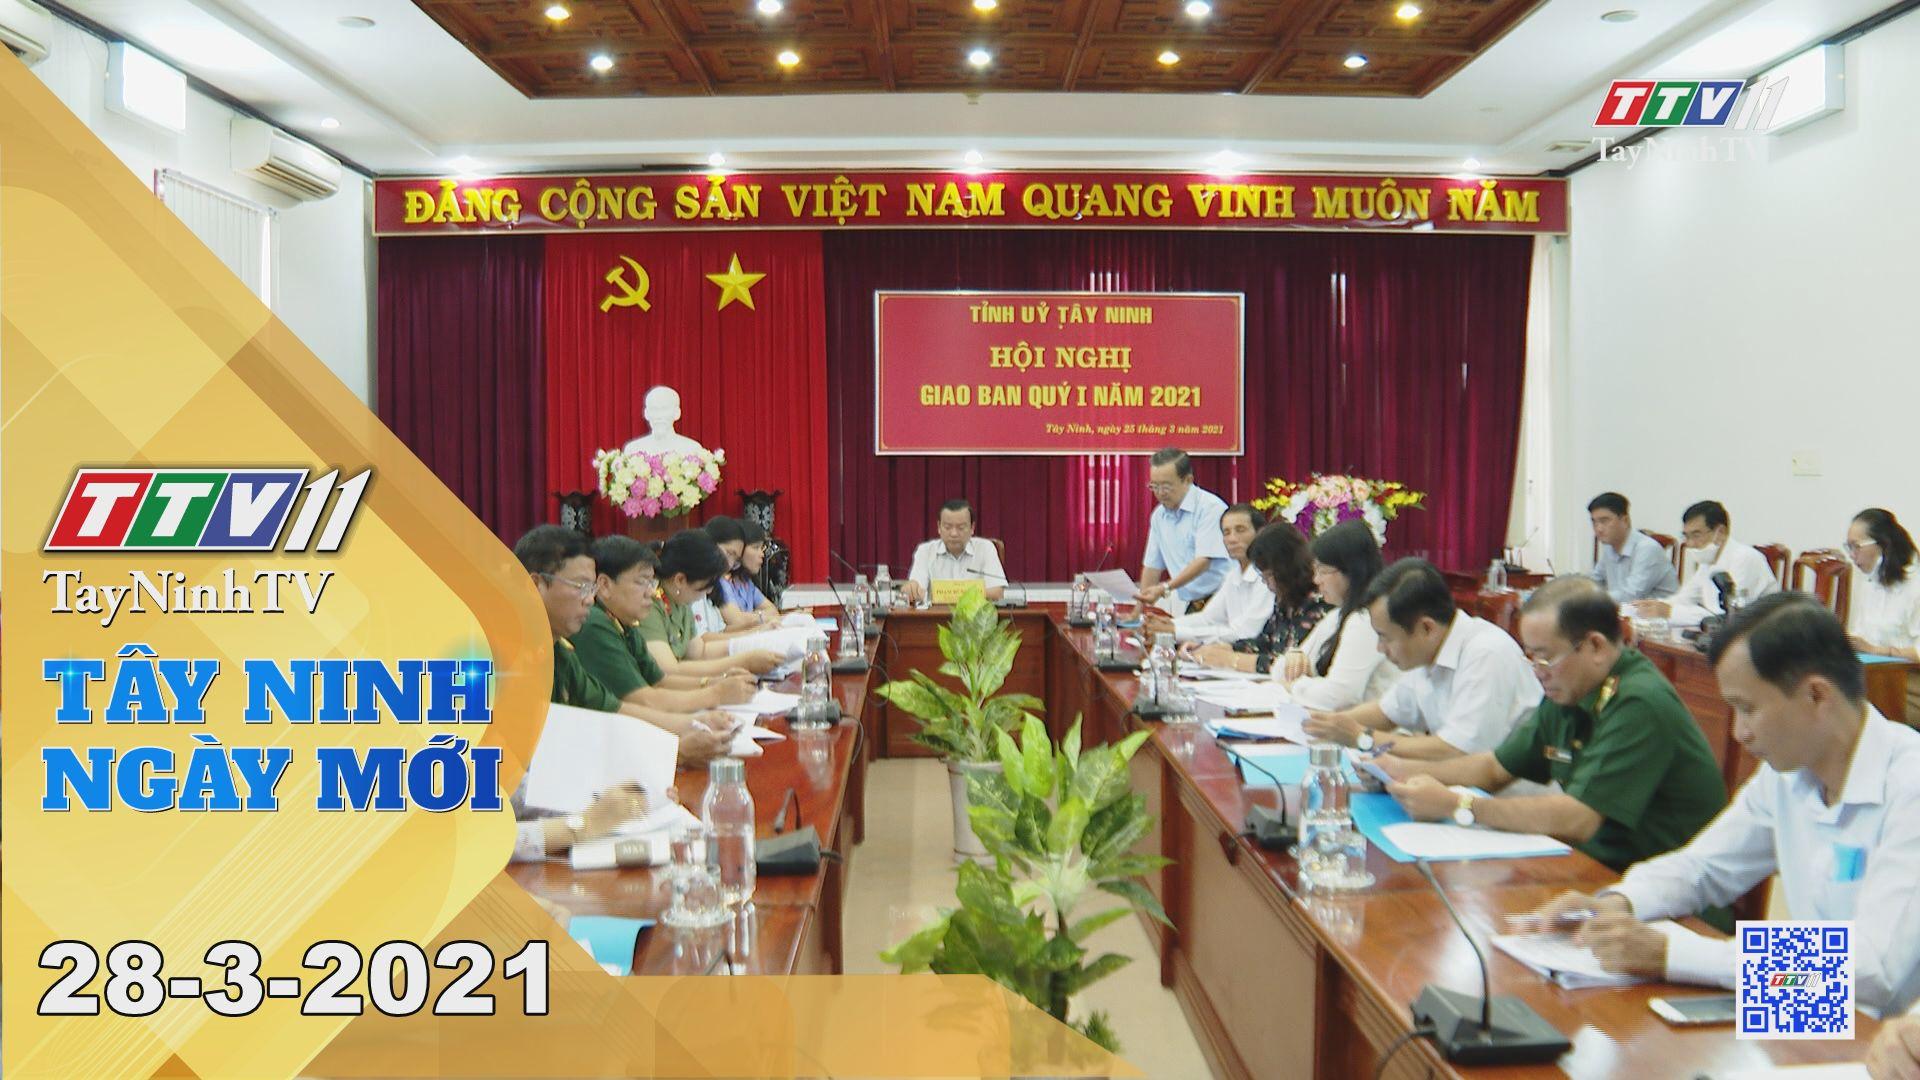 Tây Ninh Ngày Mới 28-3-2021 | Tin tức hôm nay | TayNinhTV